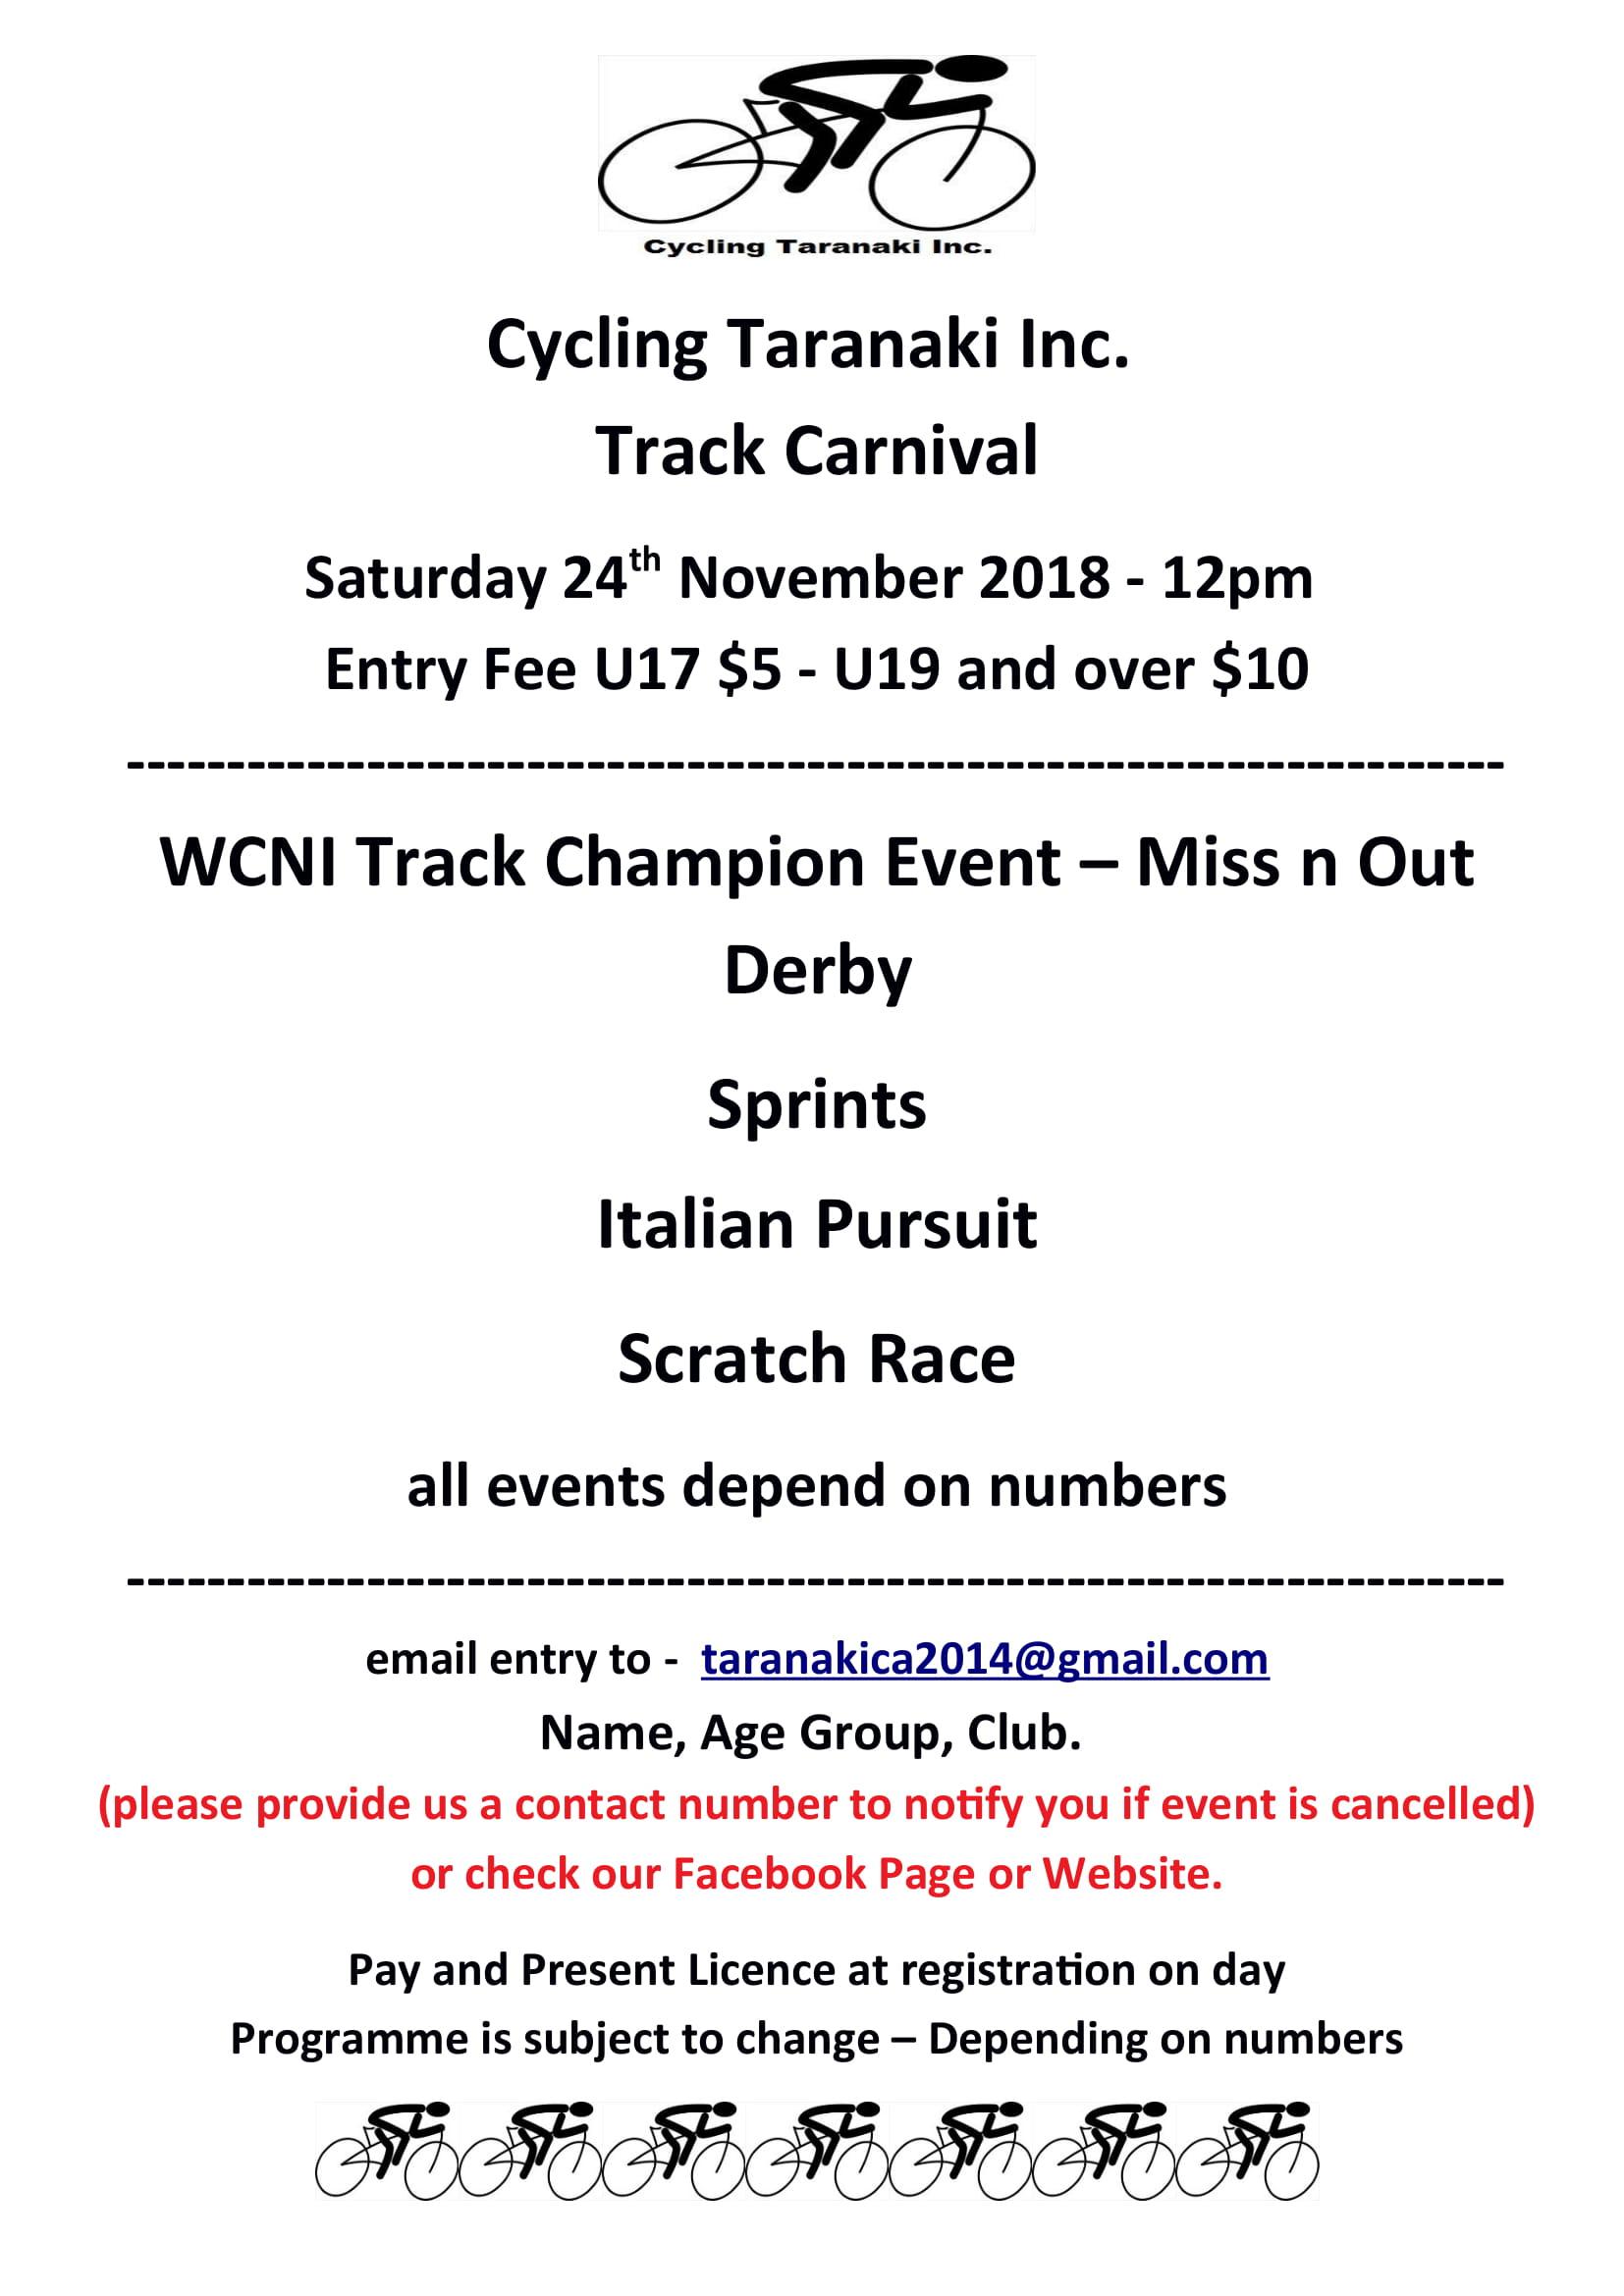 Cycling Taranaki Track Carnival Flyer 1